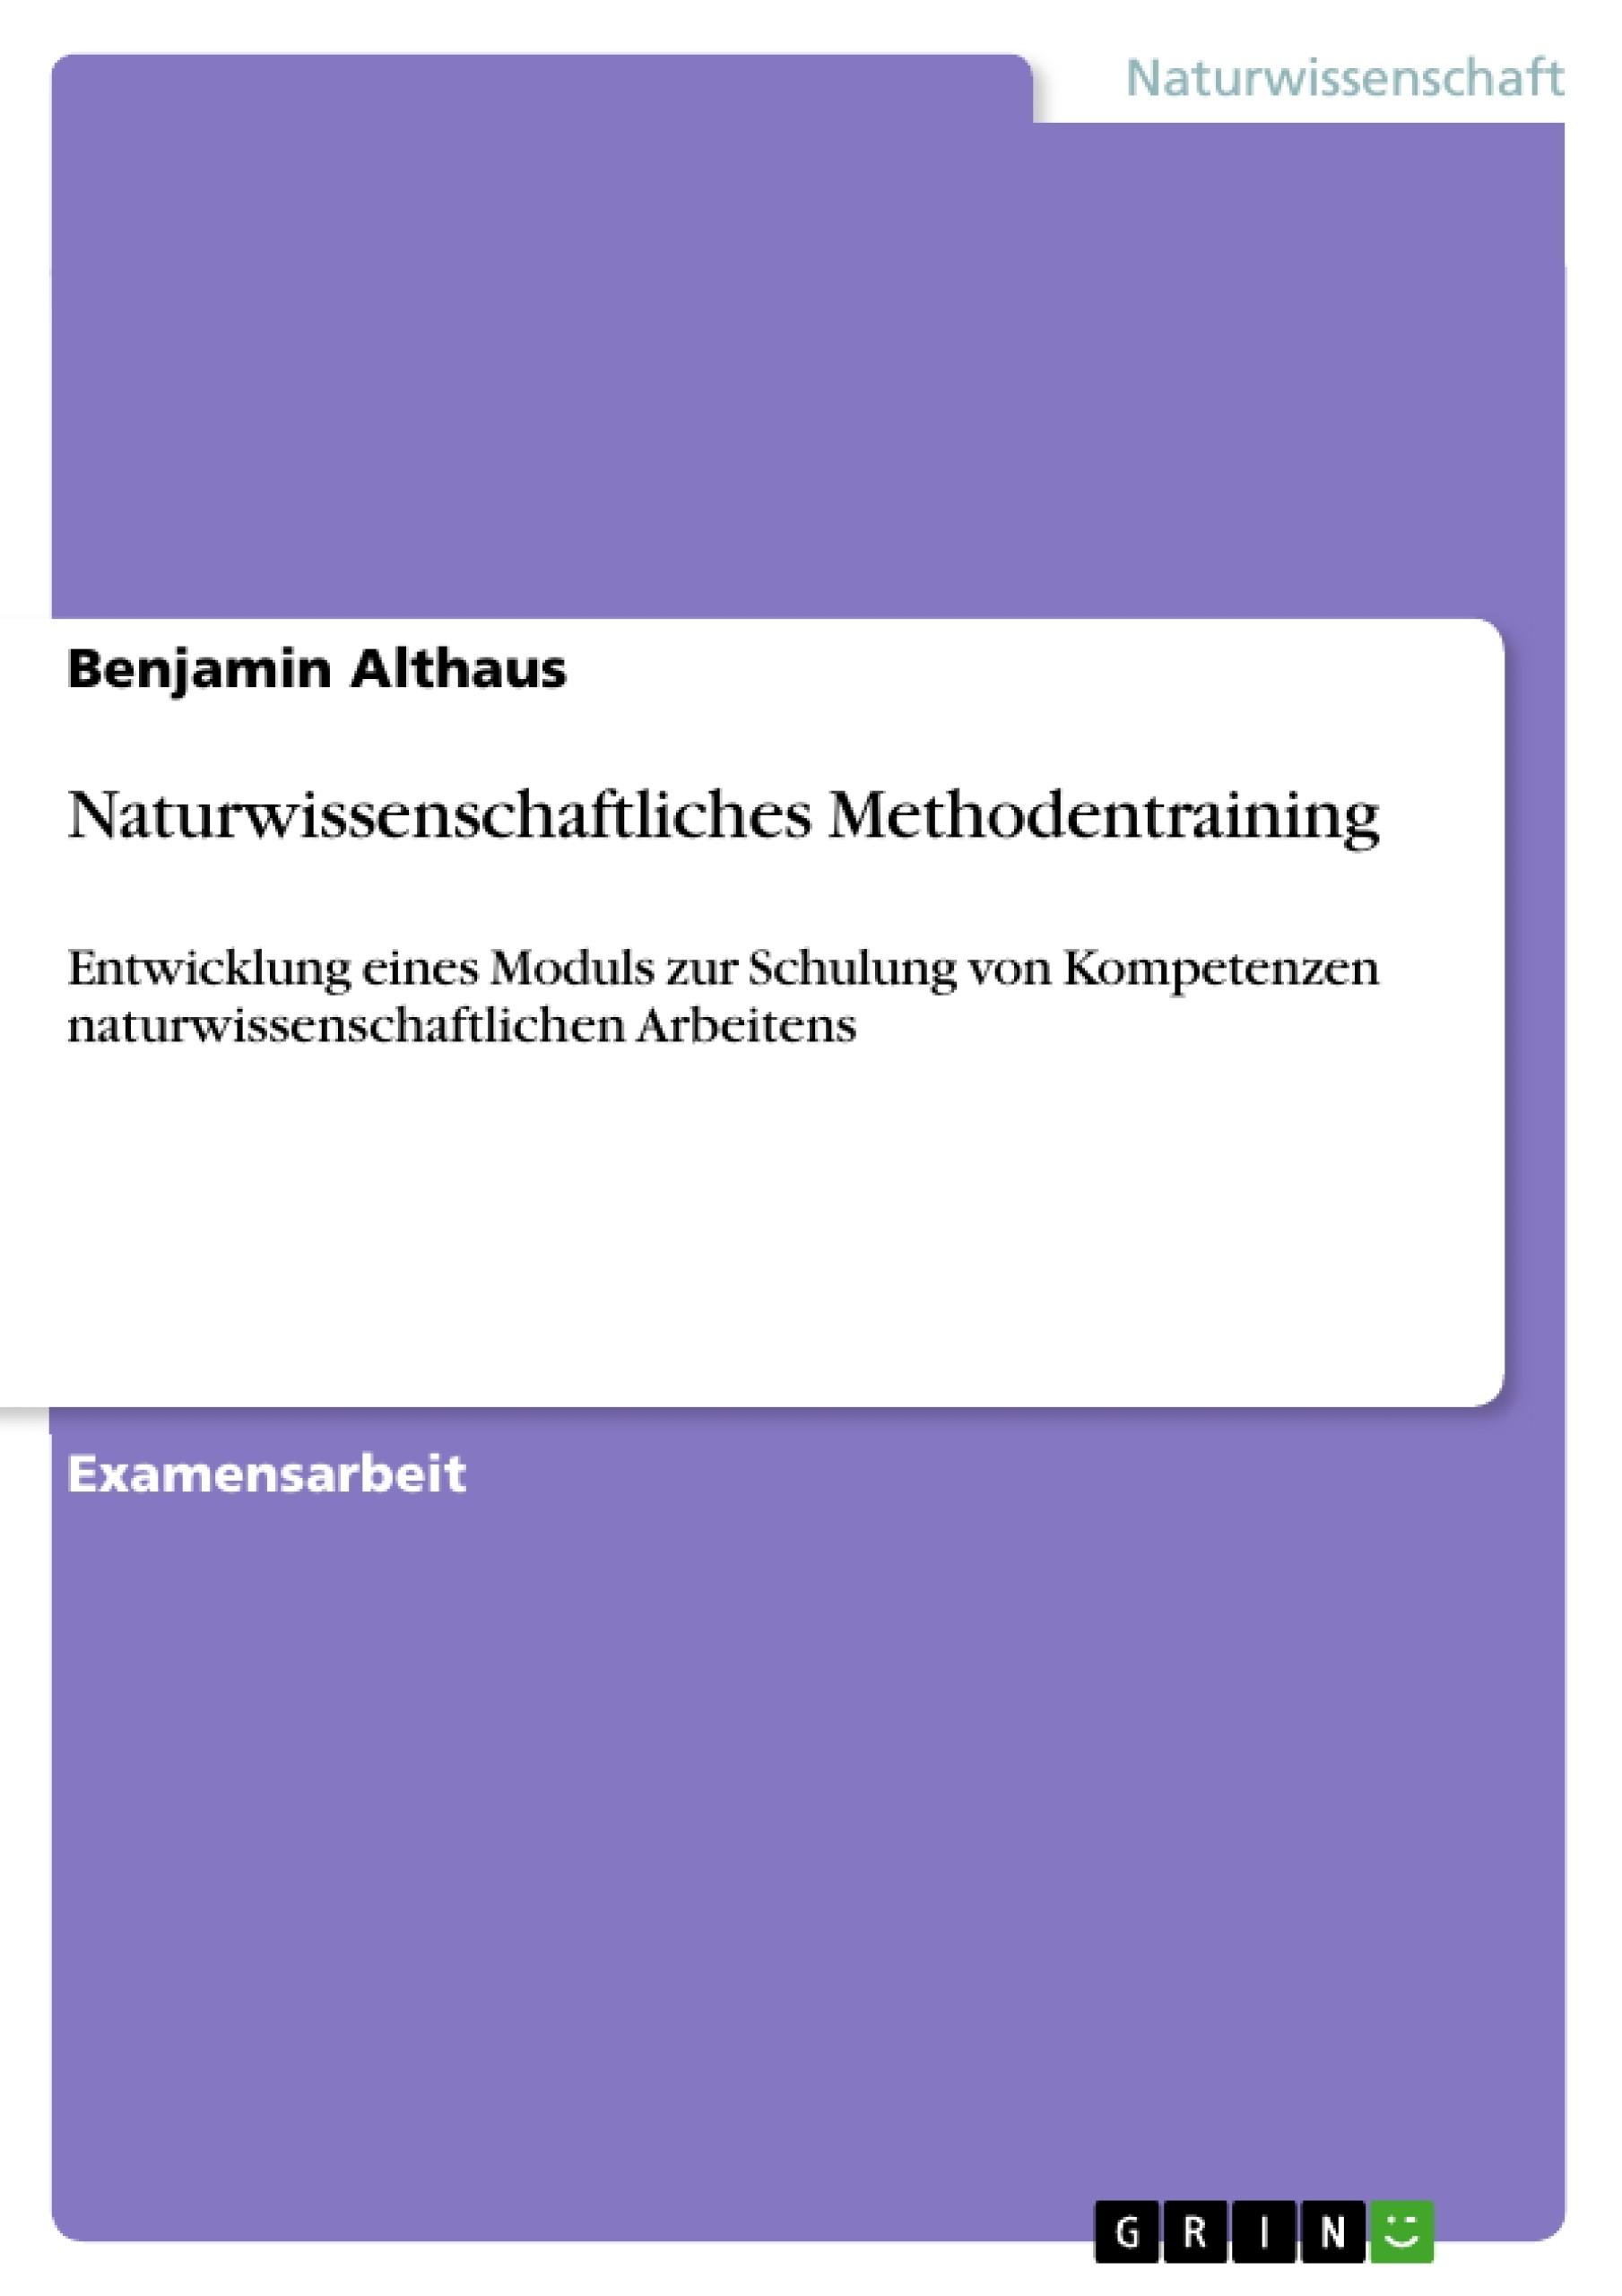 Titel: Naturwissenschaftliches Methodentraining